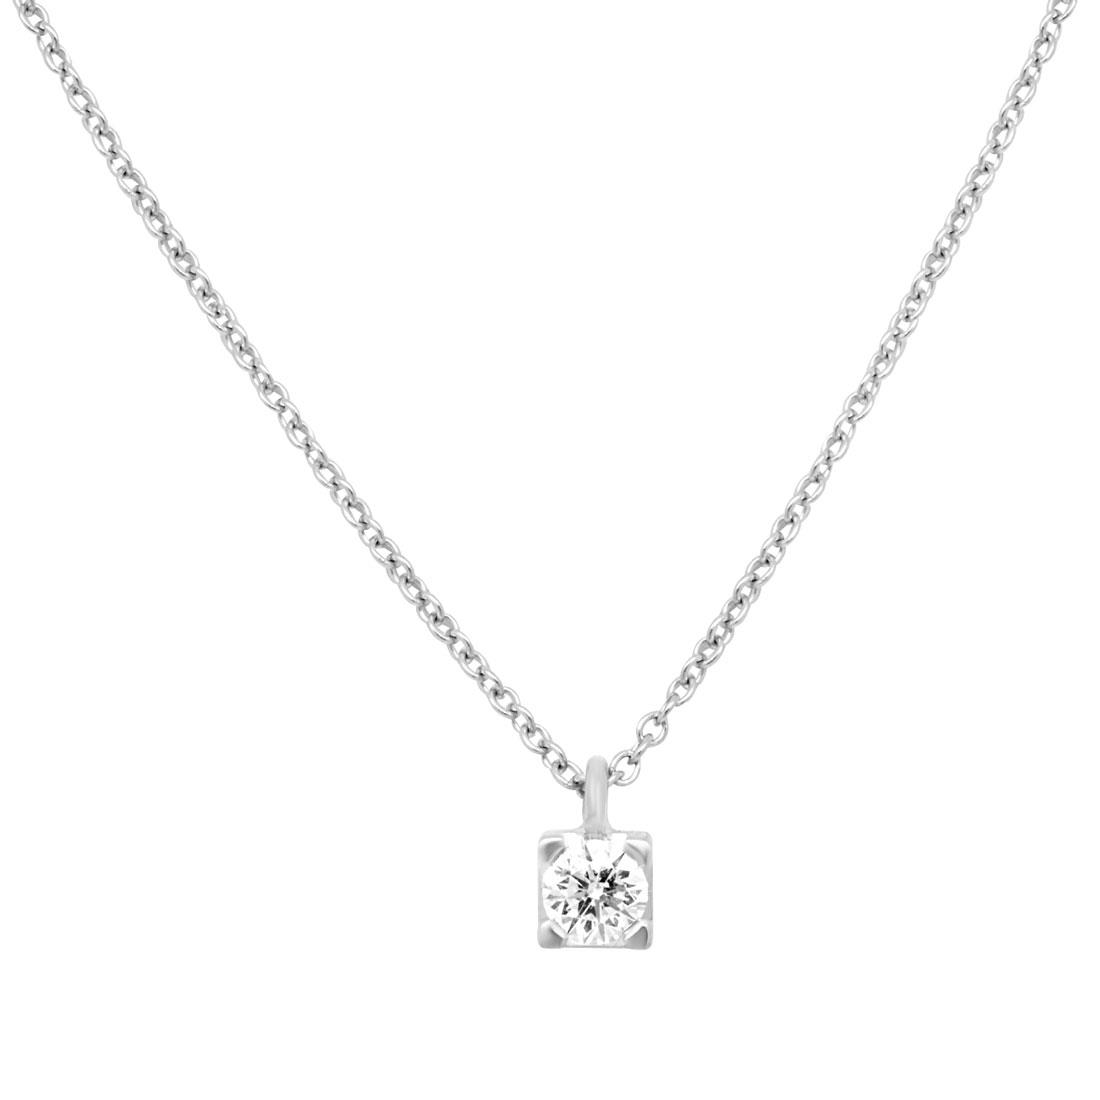 Collier Alfieri & St john in oro bianco con diamanti ct 0,25 - ALFIERI ST JOHN